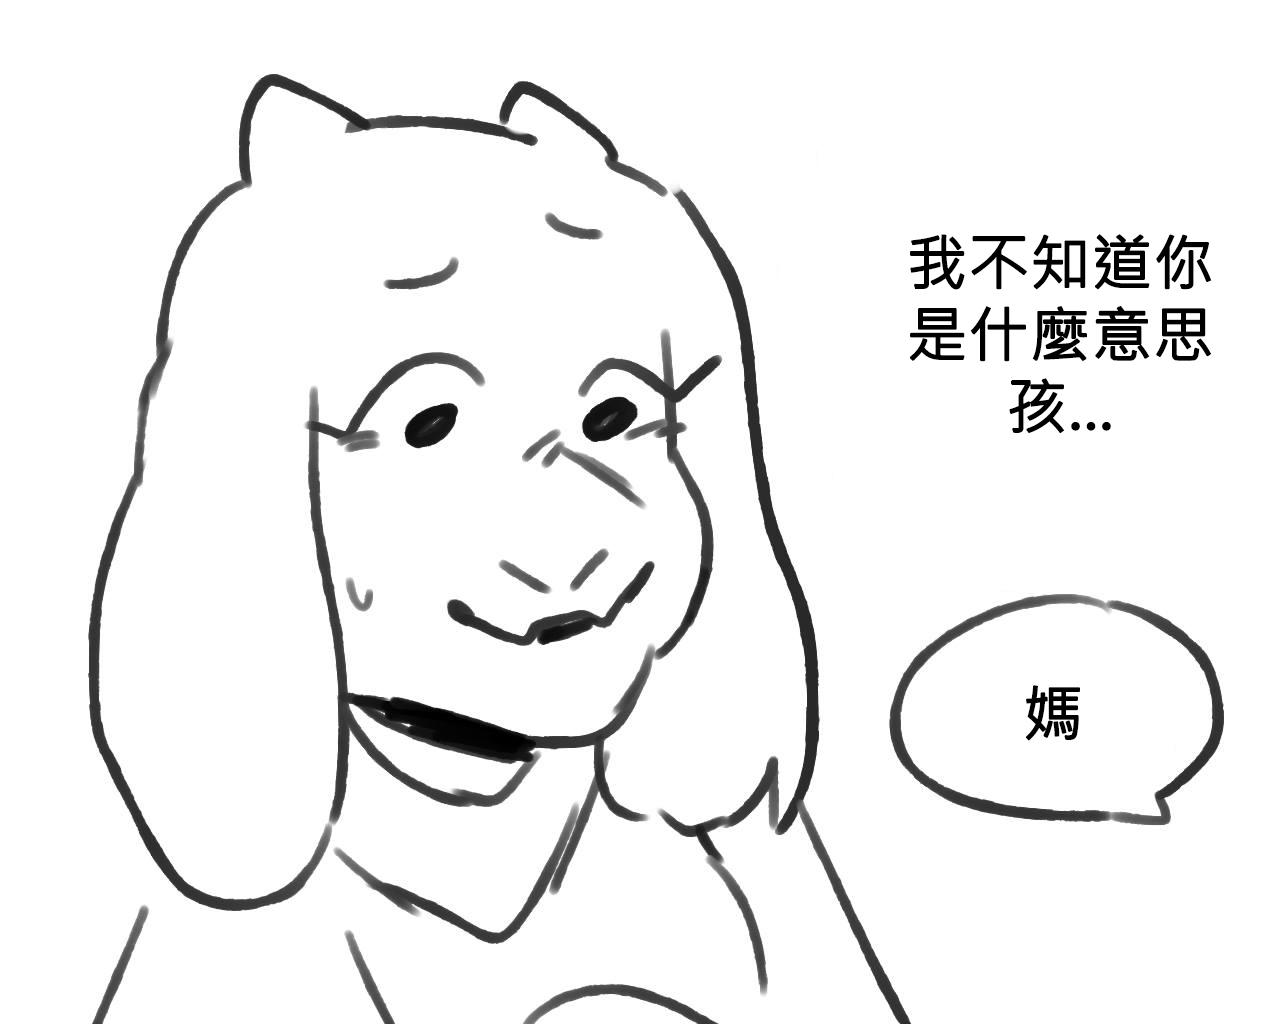 哇塞神奇歐美翻譯密境: neo-asriel Page1~12